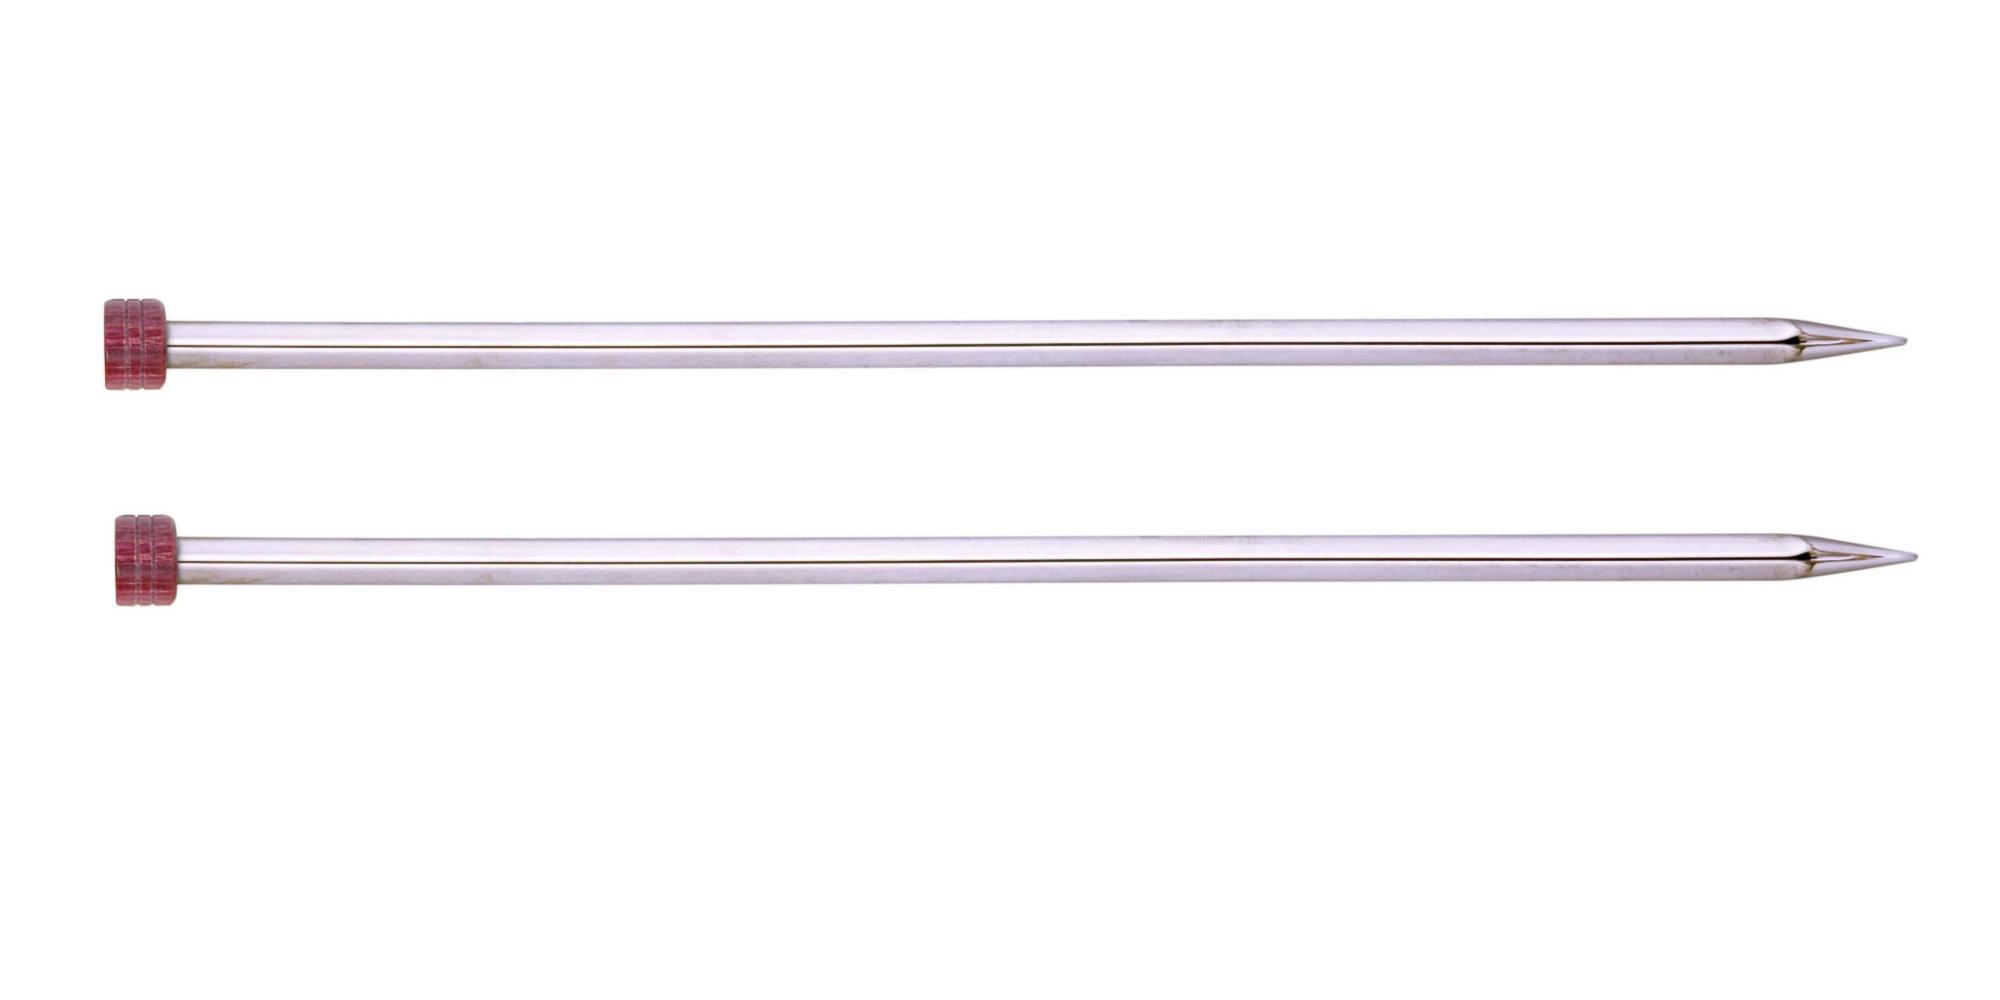 Спицы прямые 25 см Nova Cubics KnitPro, 12252, 2.50 мм